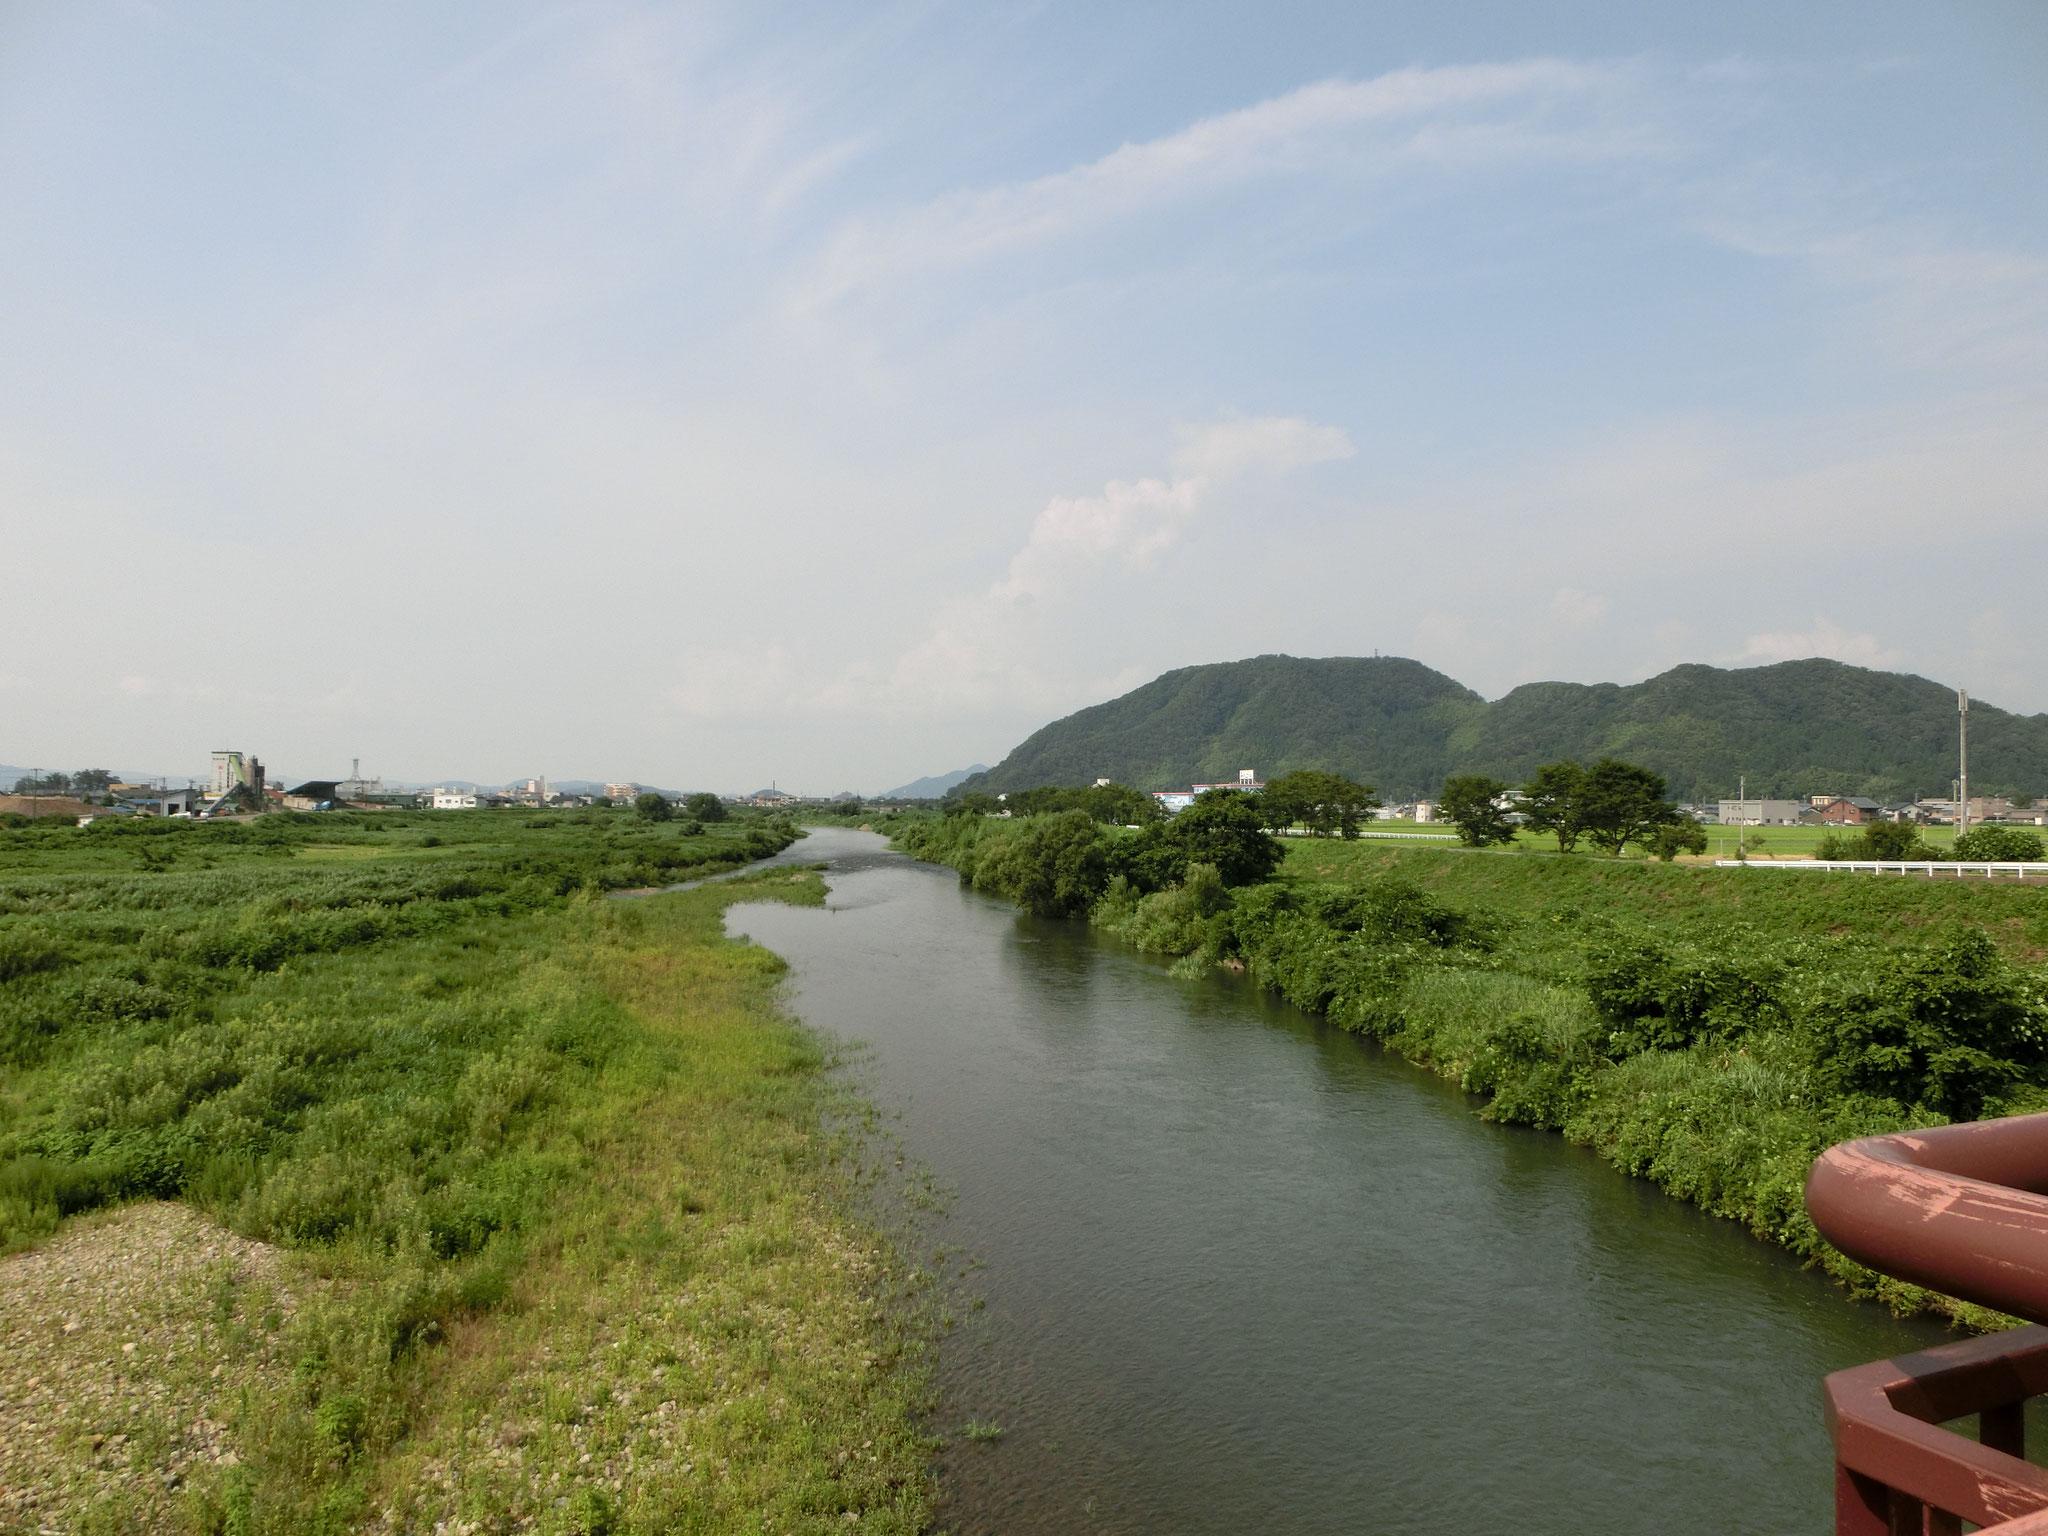 H28.7.27 15時30分 越前市 日野大橋下流